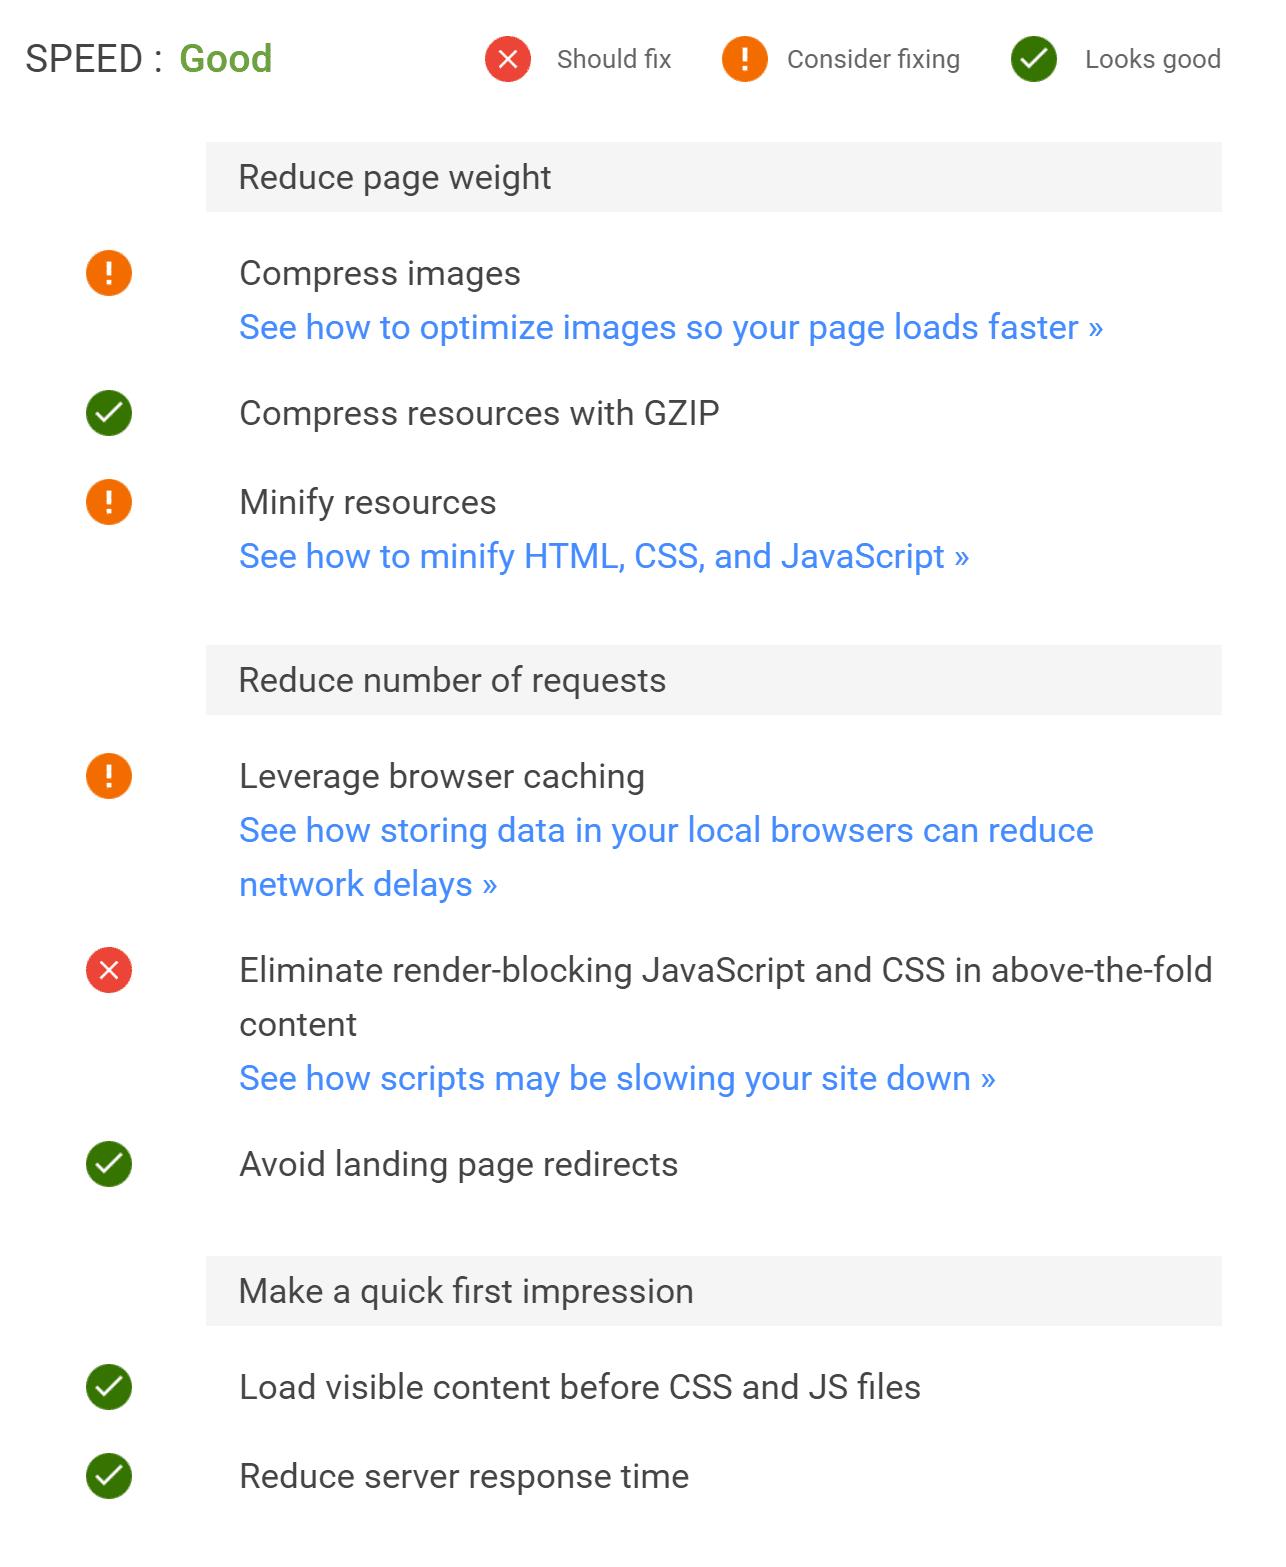 Aanbevelingen om je website sneller te maken